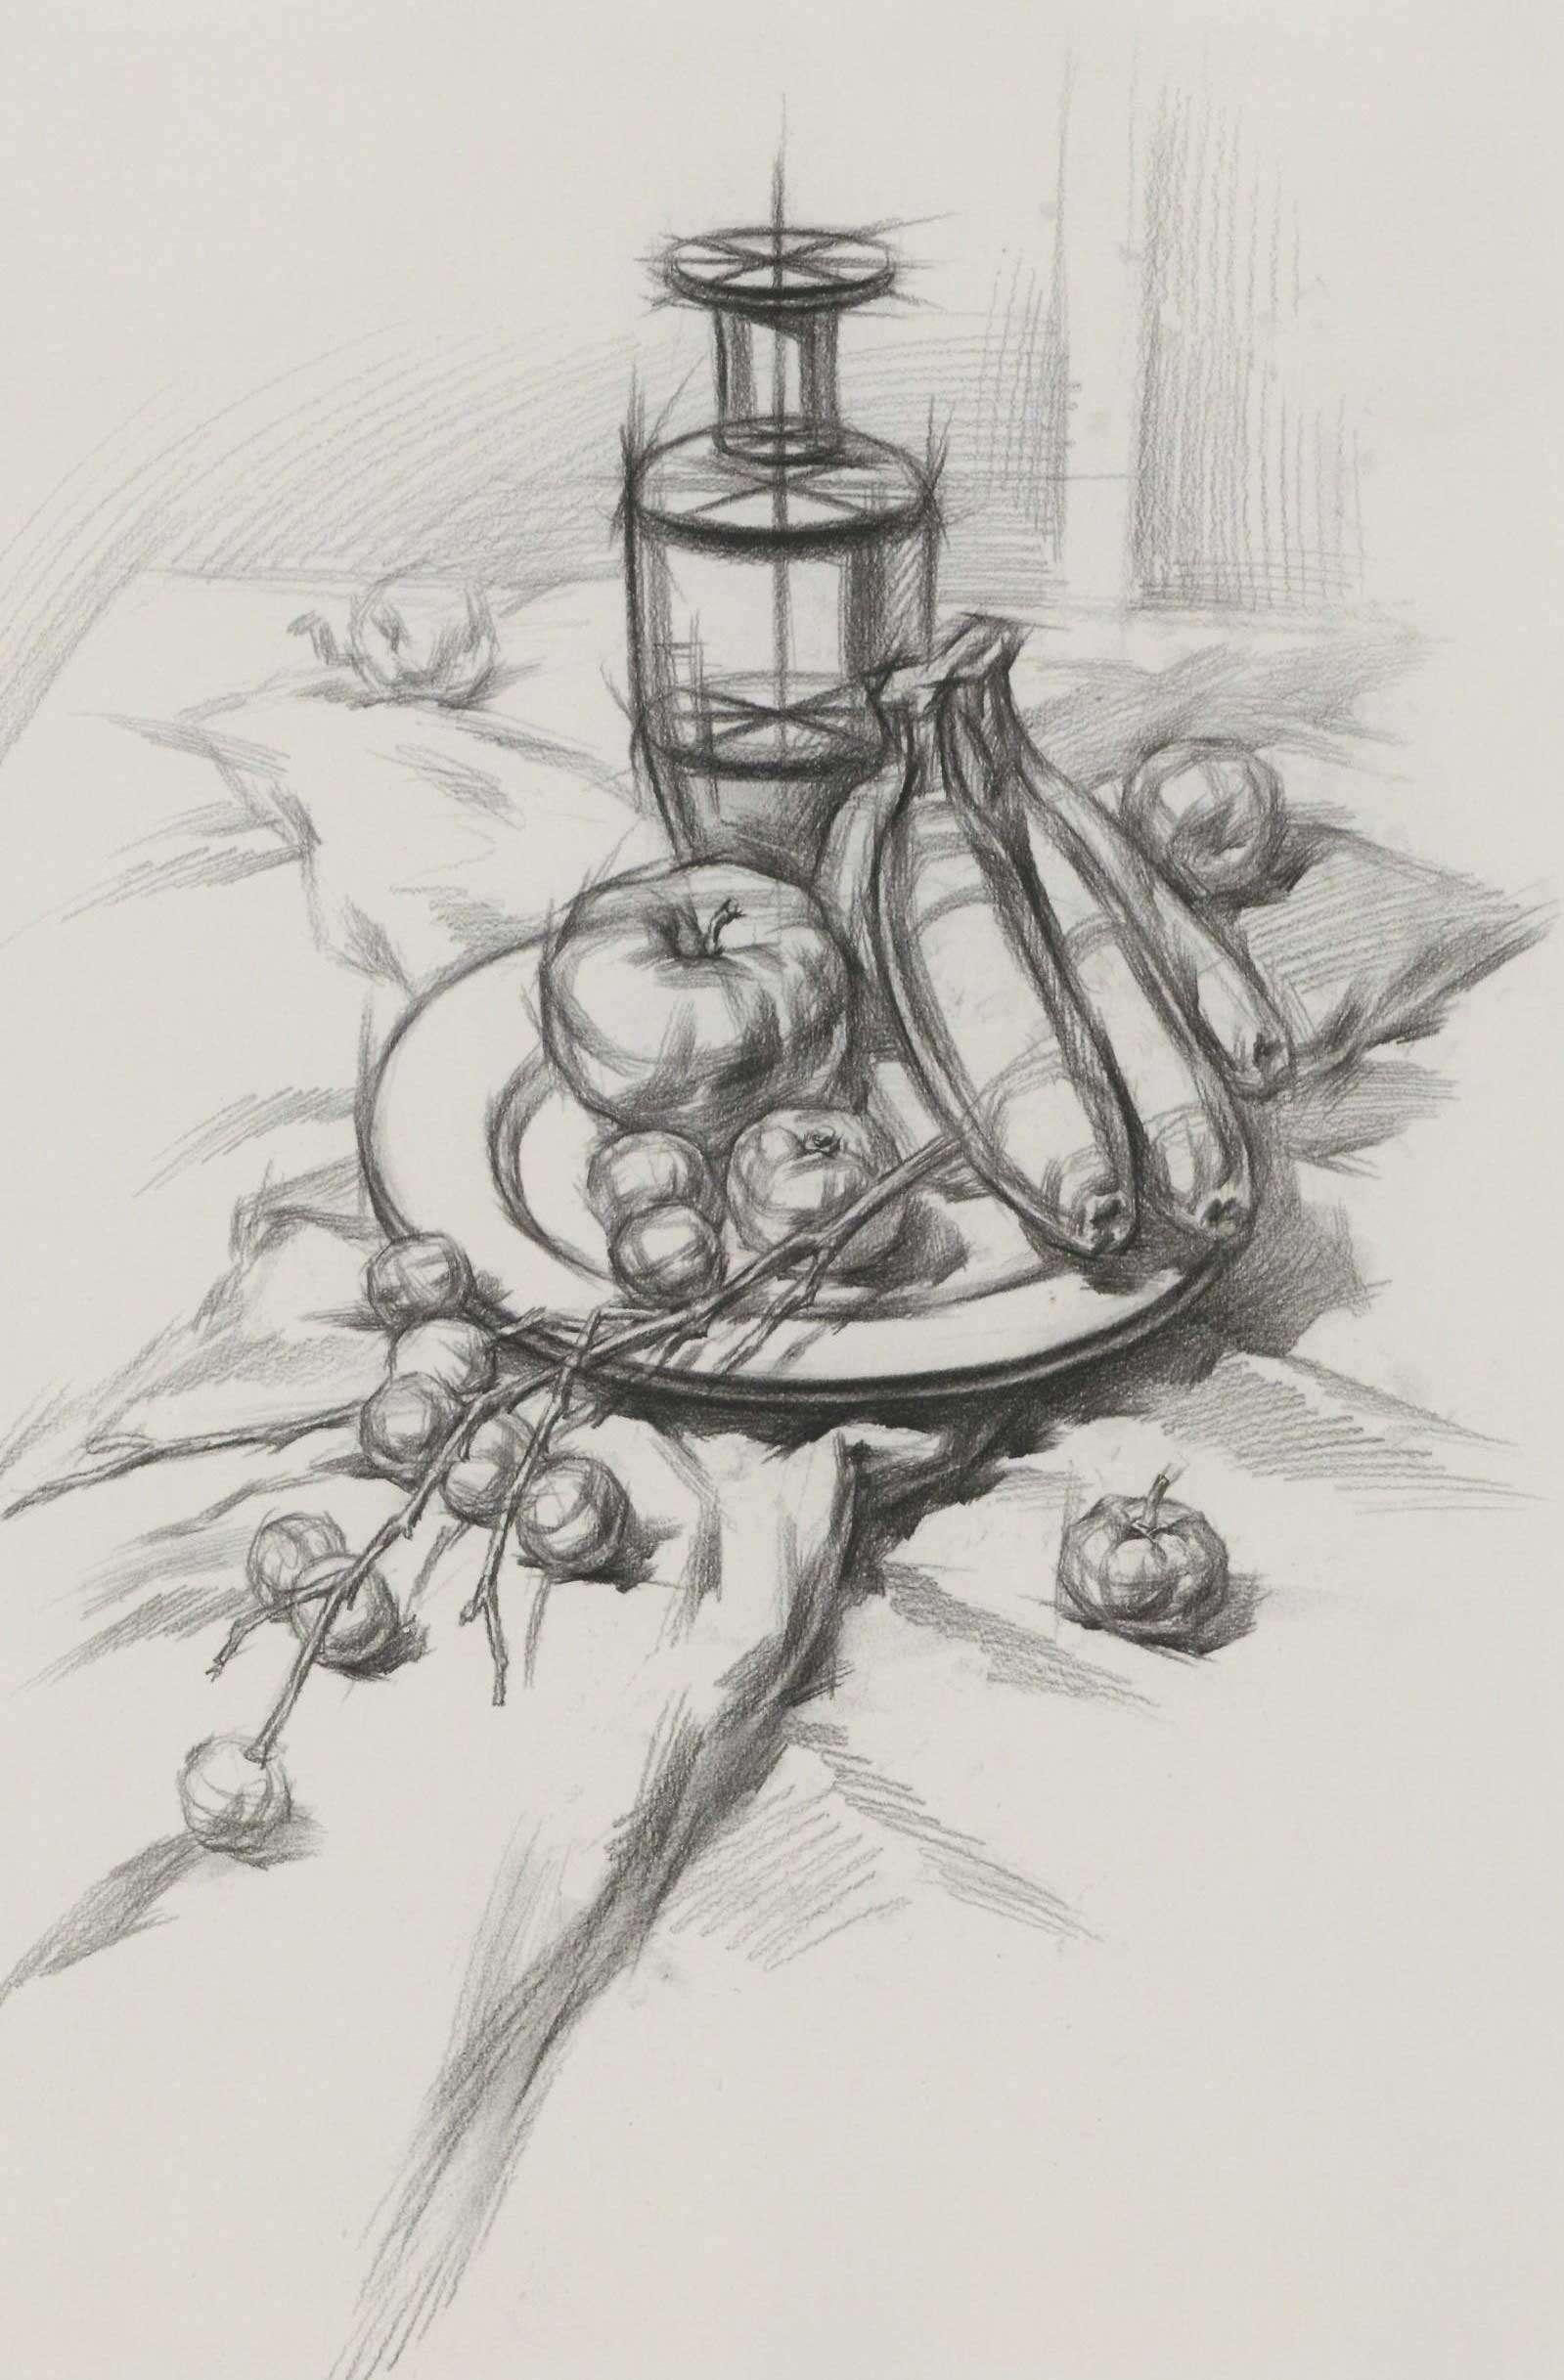 素描静物水果组合,香蕉、苹果厚玻璃杯 超清